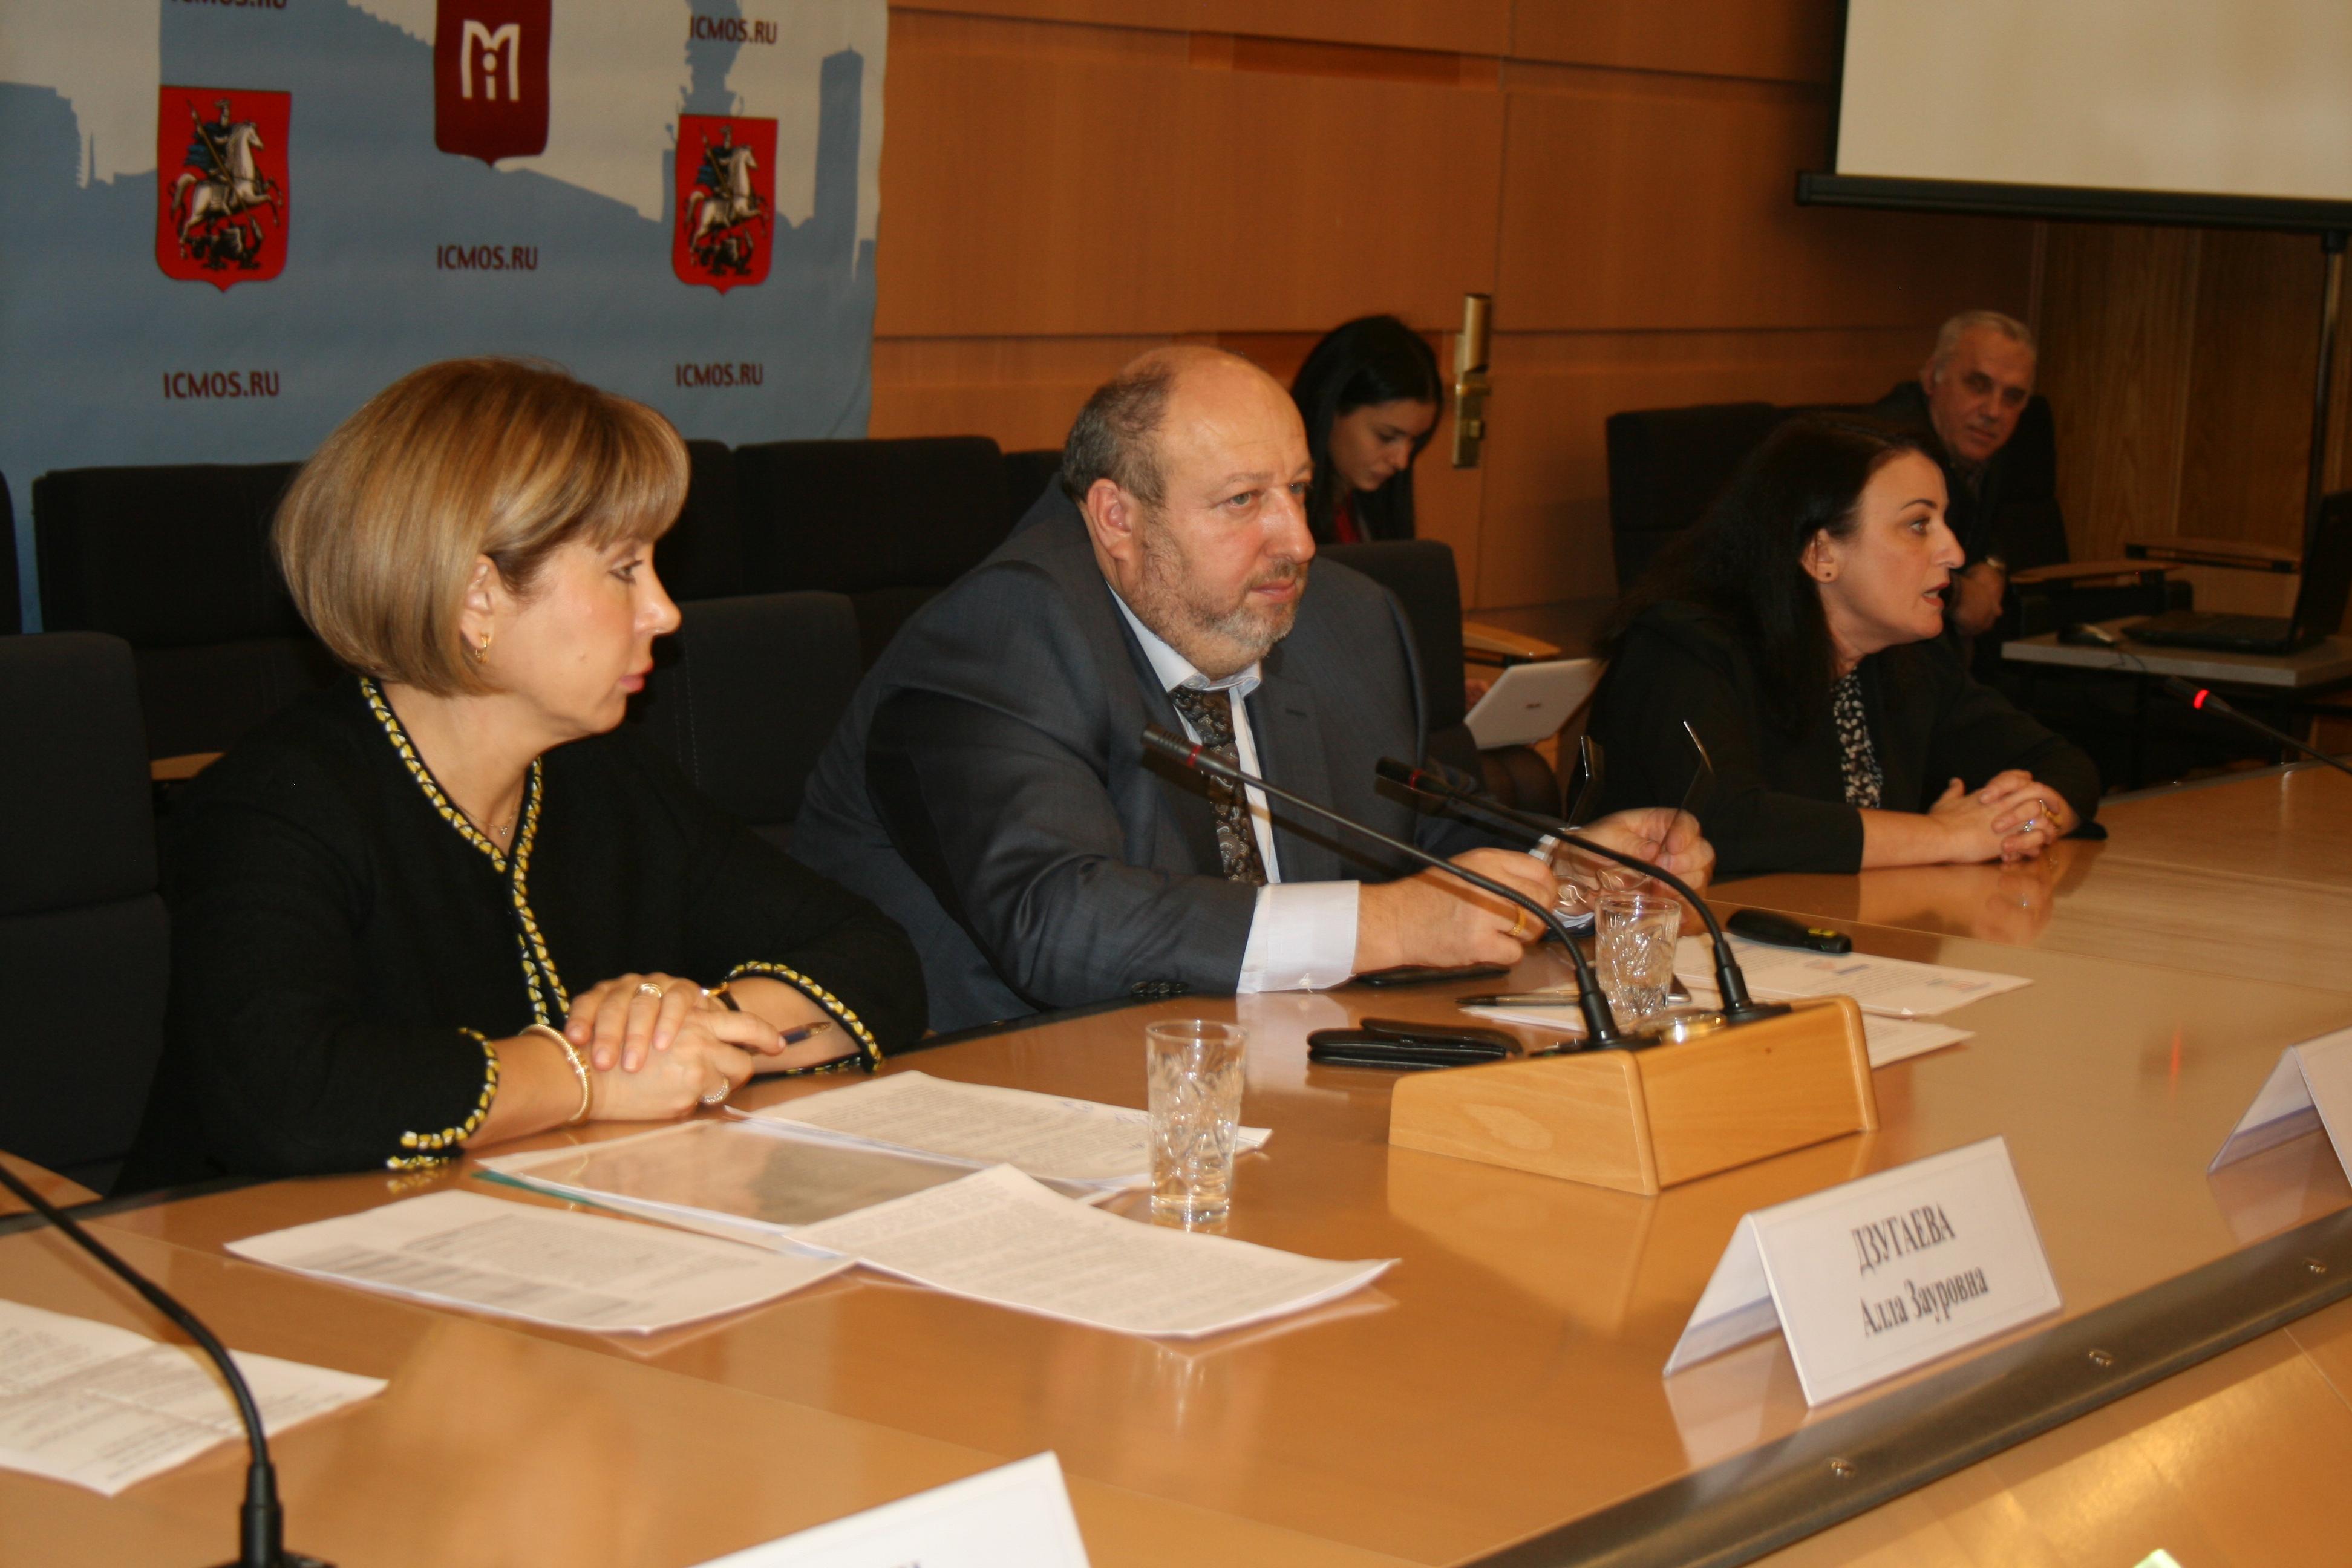 Можно констатировать фактическое прекращение распространения ВИЧ-инфекции среди московской молодежи